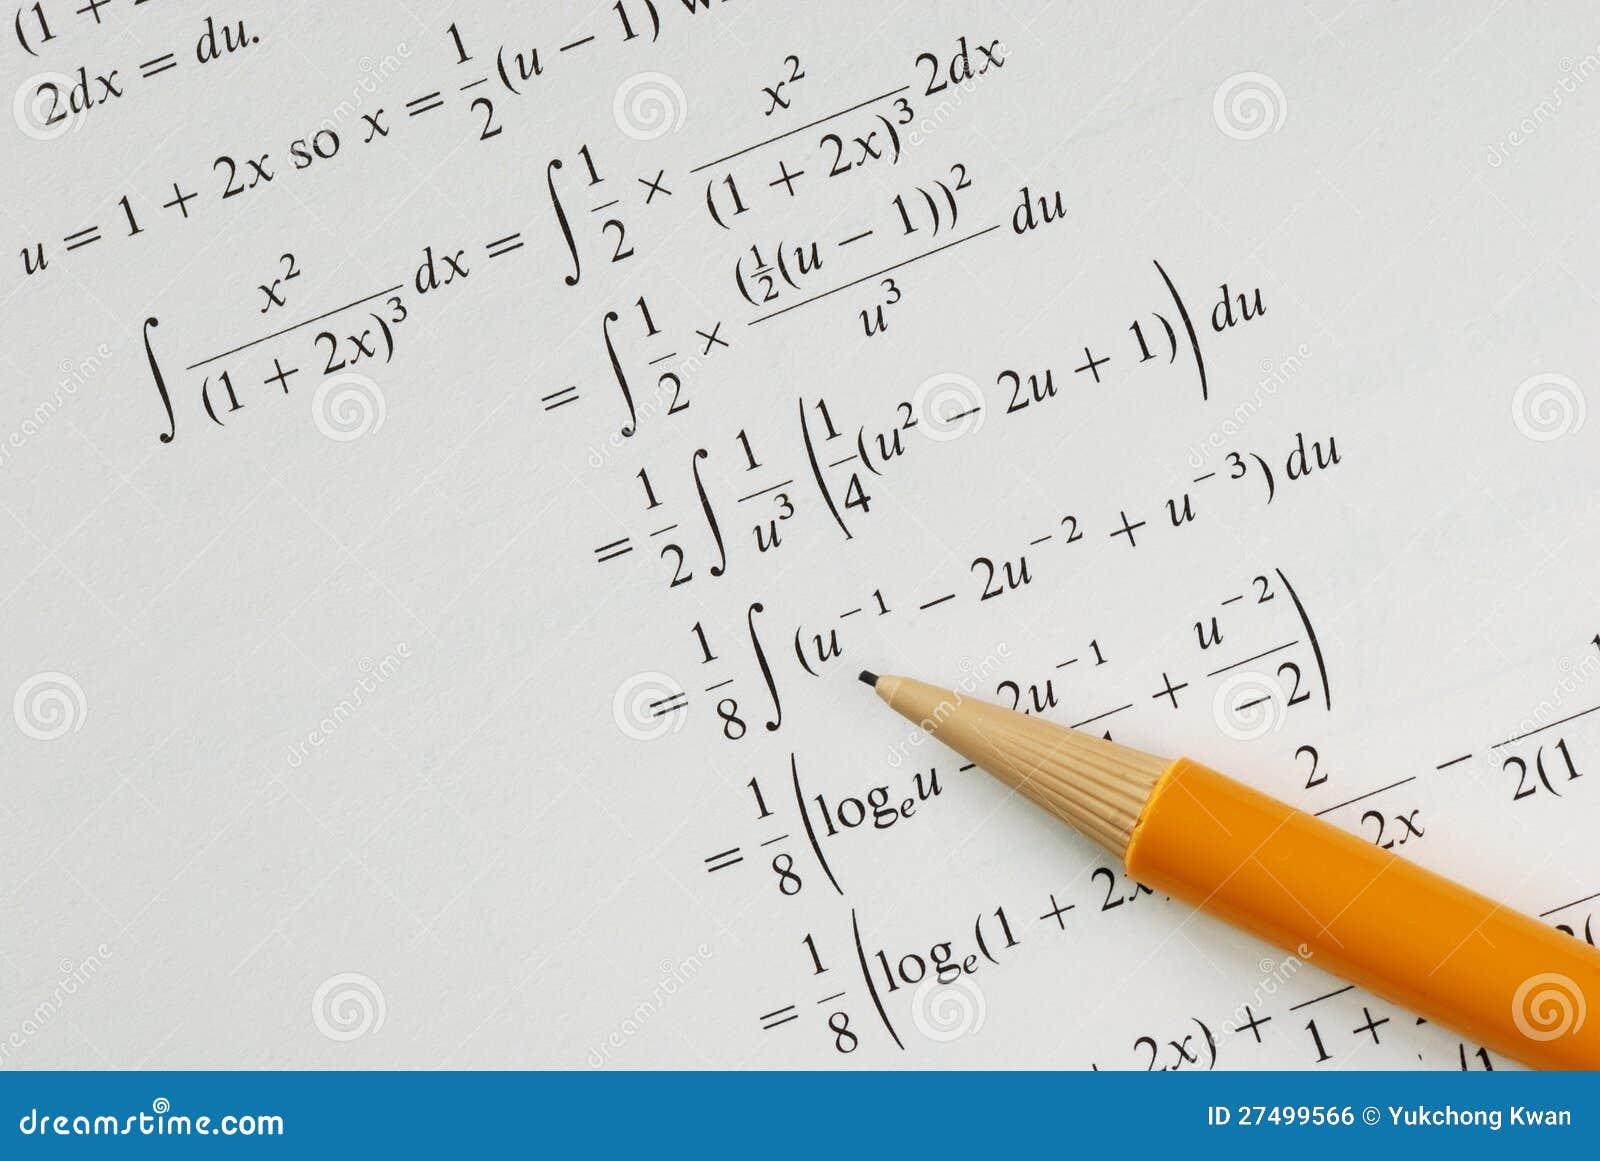 Lös ett högskolamatematikproblem